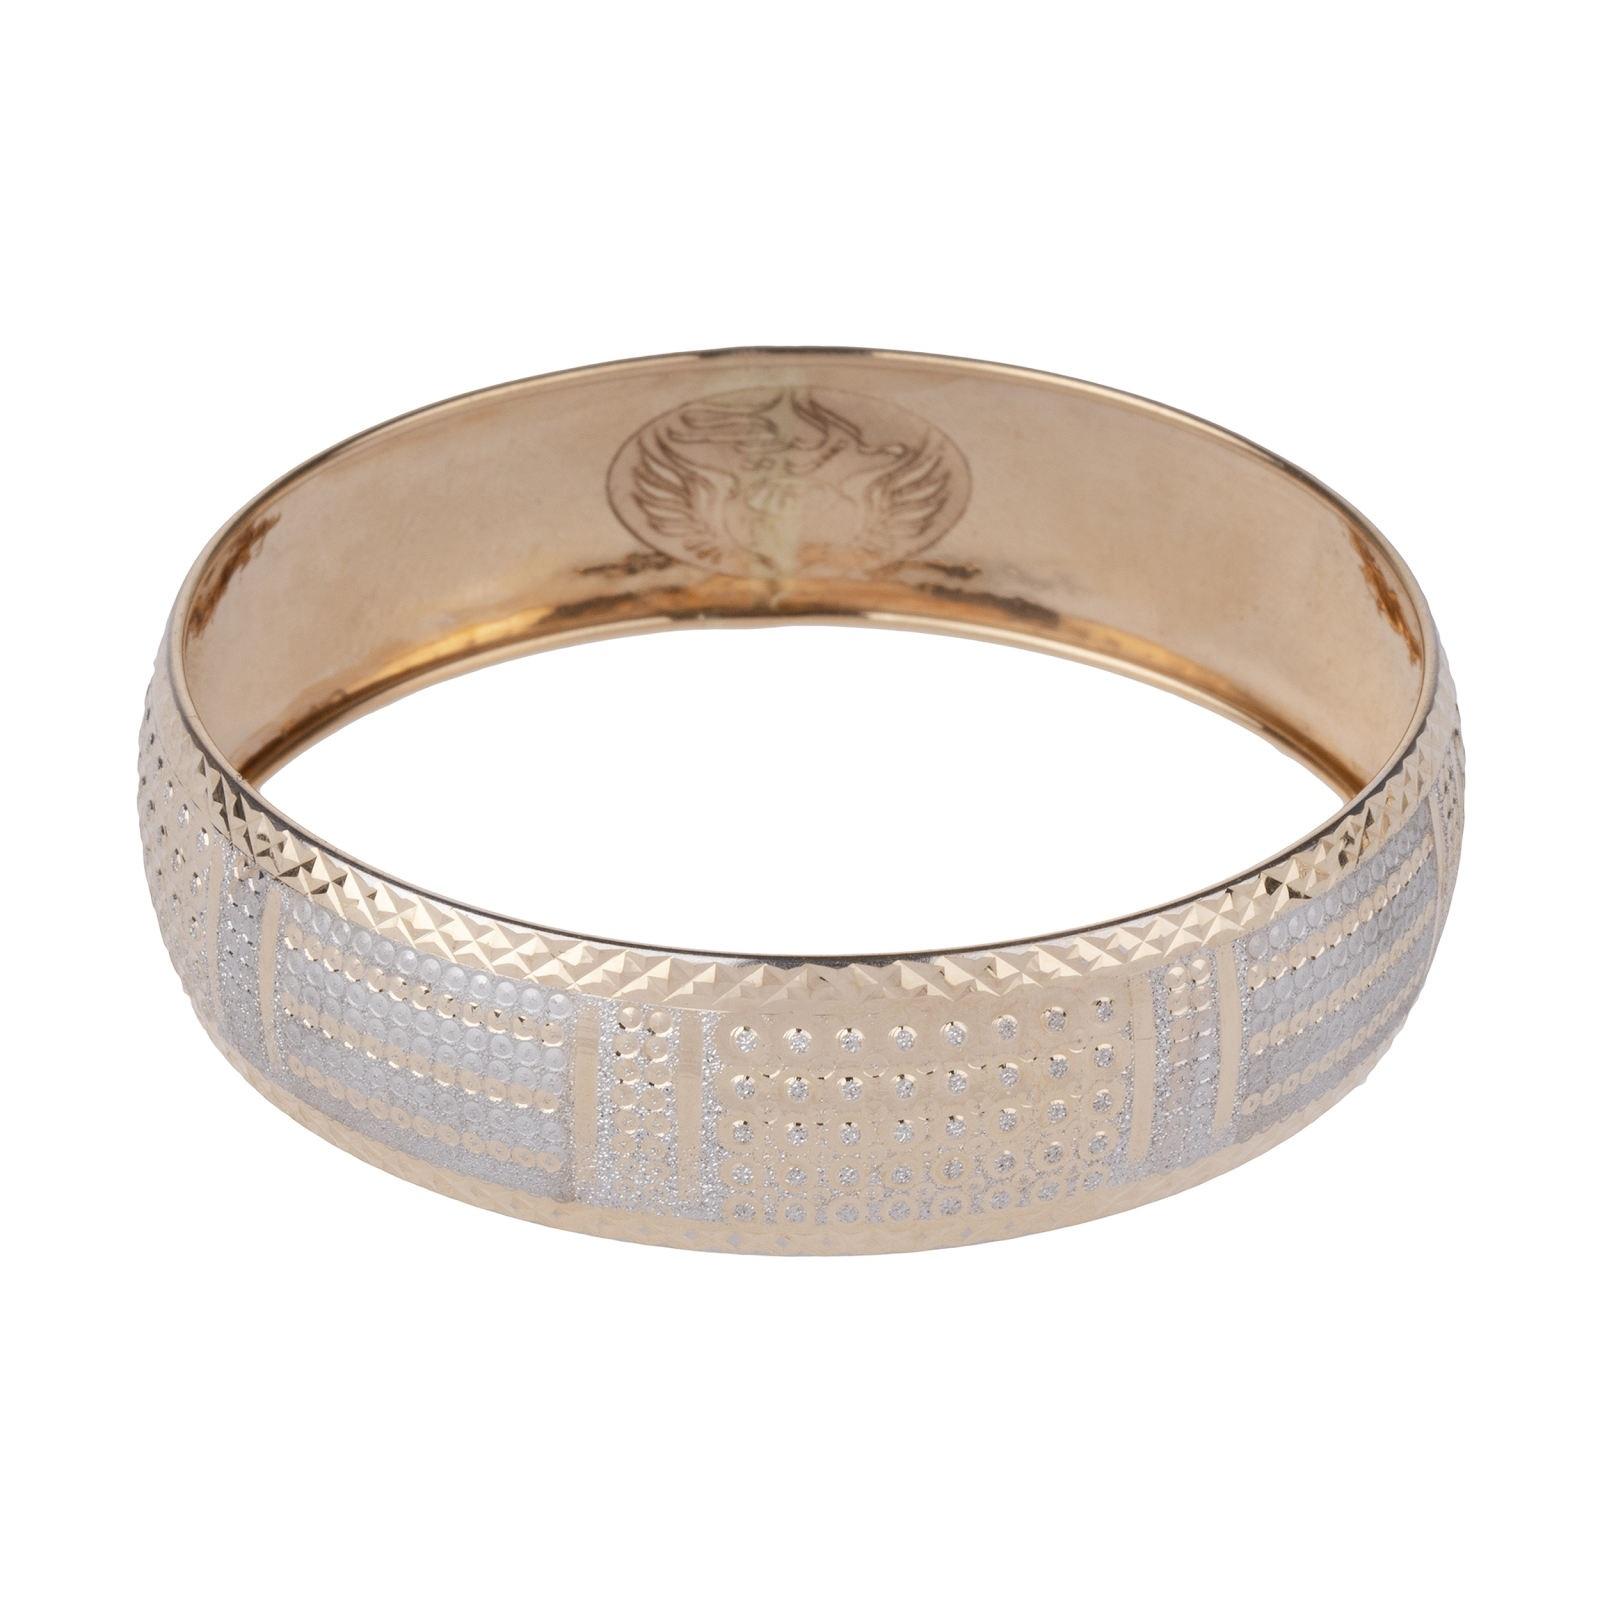 النگو طلا 18 عیار زنانه گالری یارطلا کد AL28-W-2